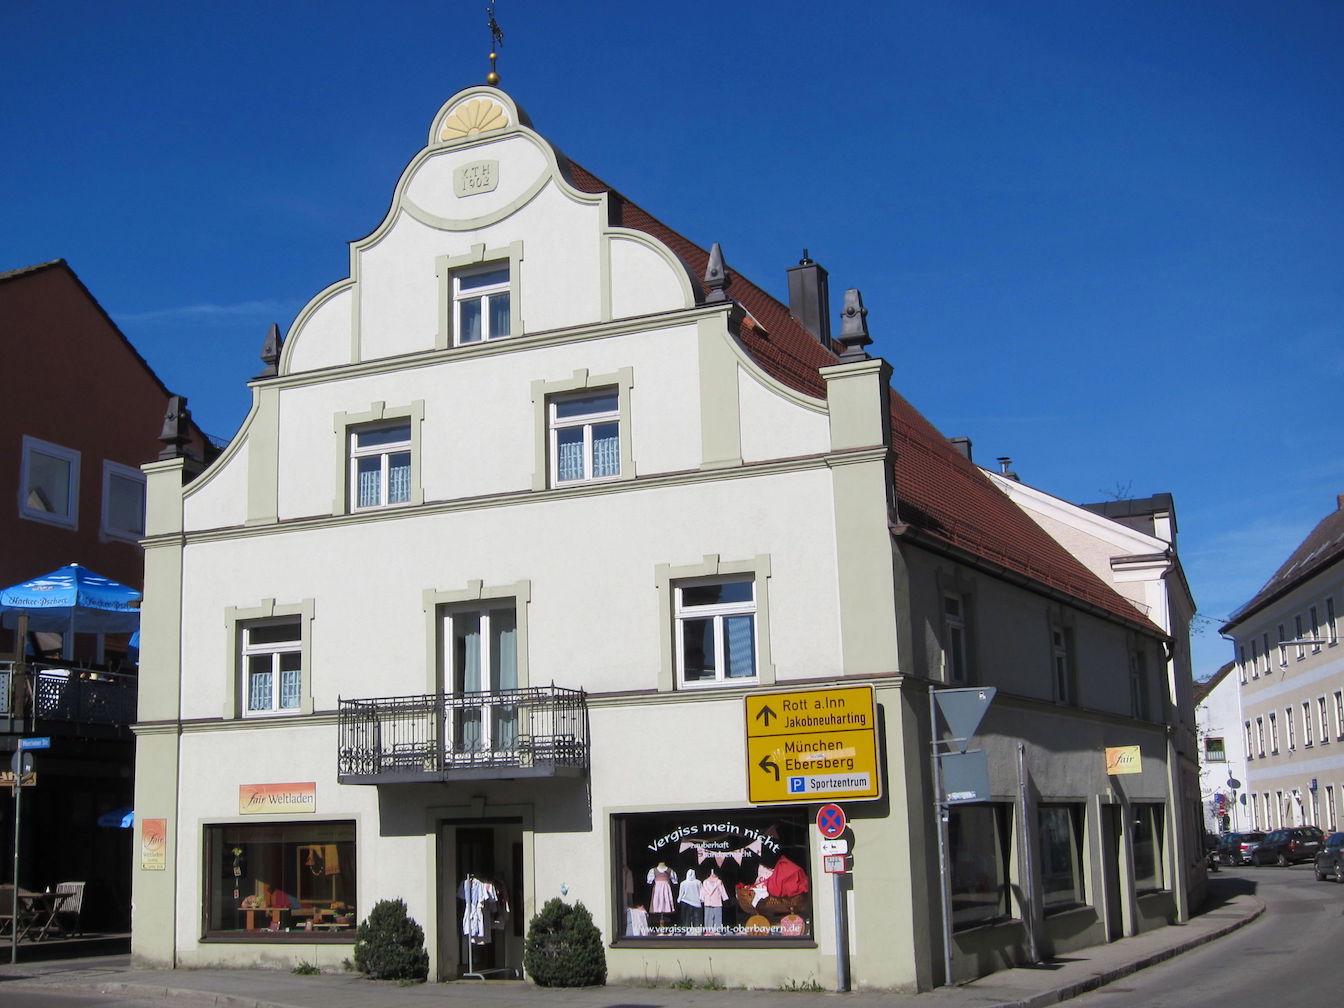 Vierstöckiges, weißes Gebäude mit geschwungenem Giebel am Marktplatz von Grafing, im Erdgeschoss Schaufenster für zwei Läden